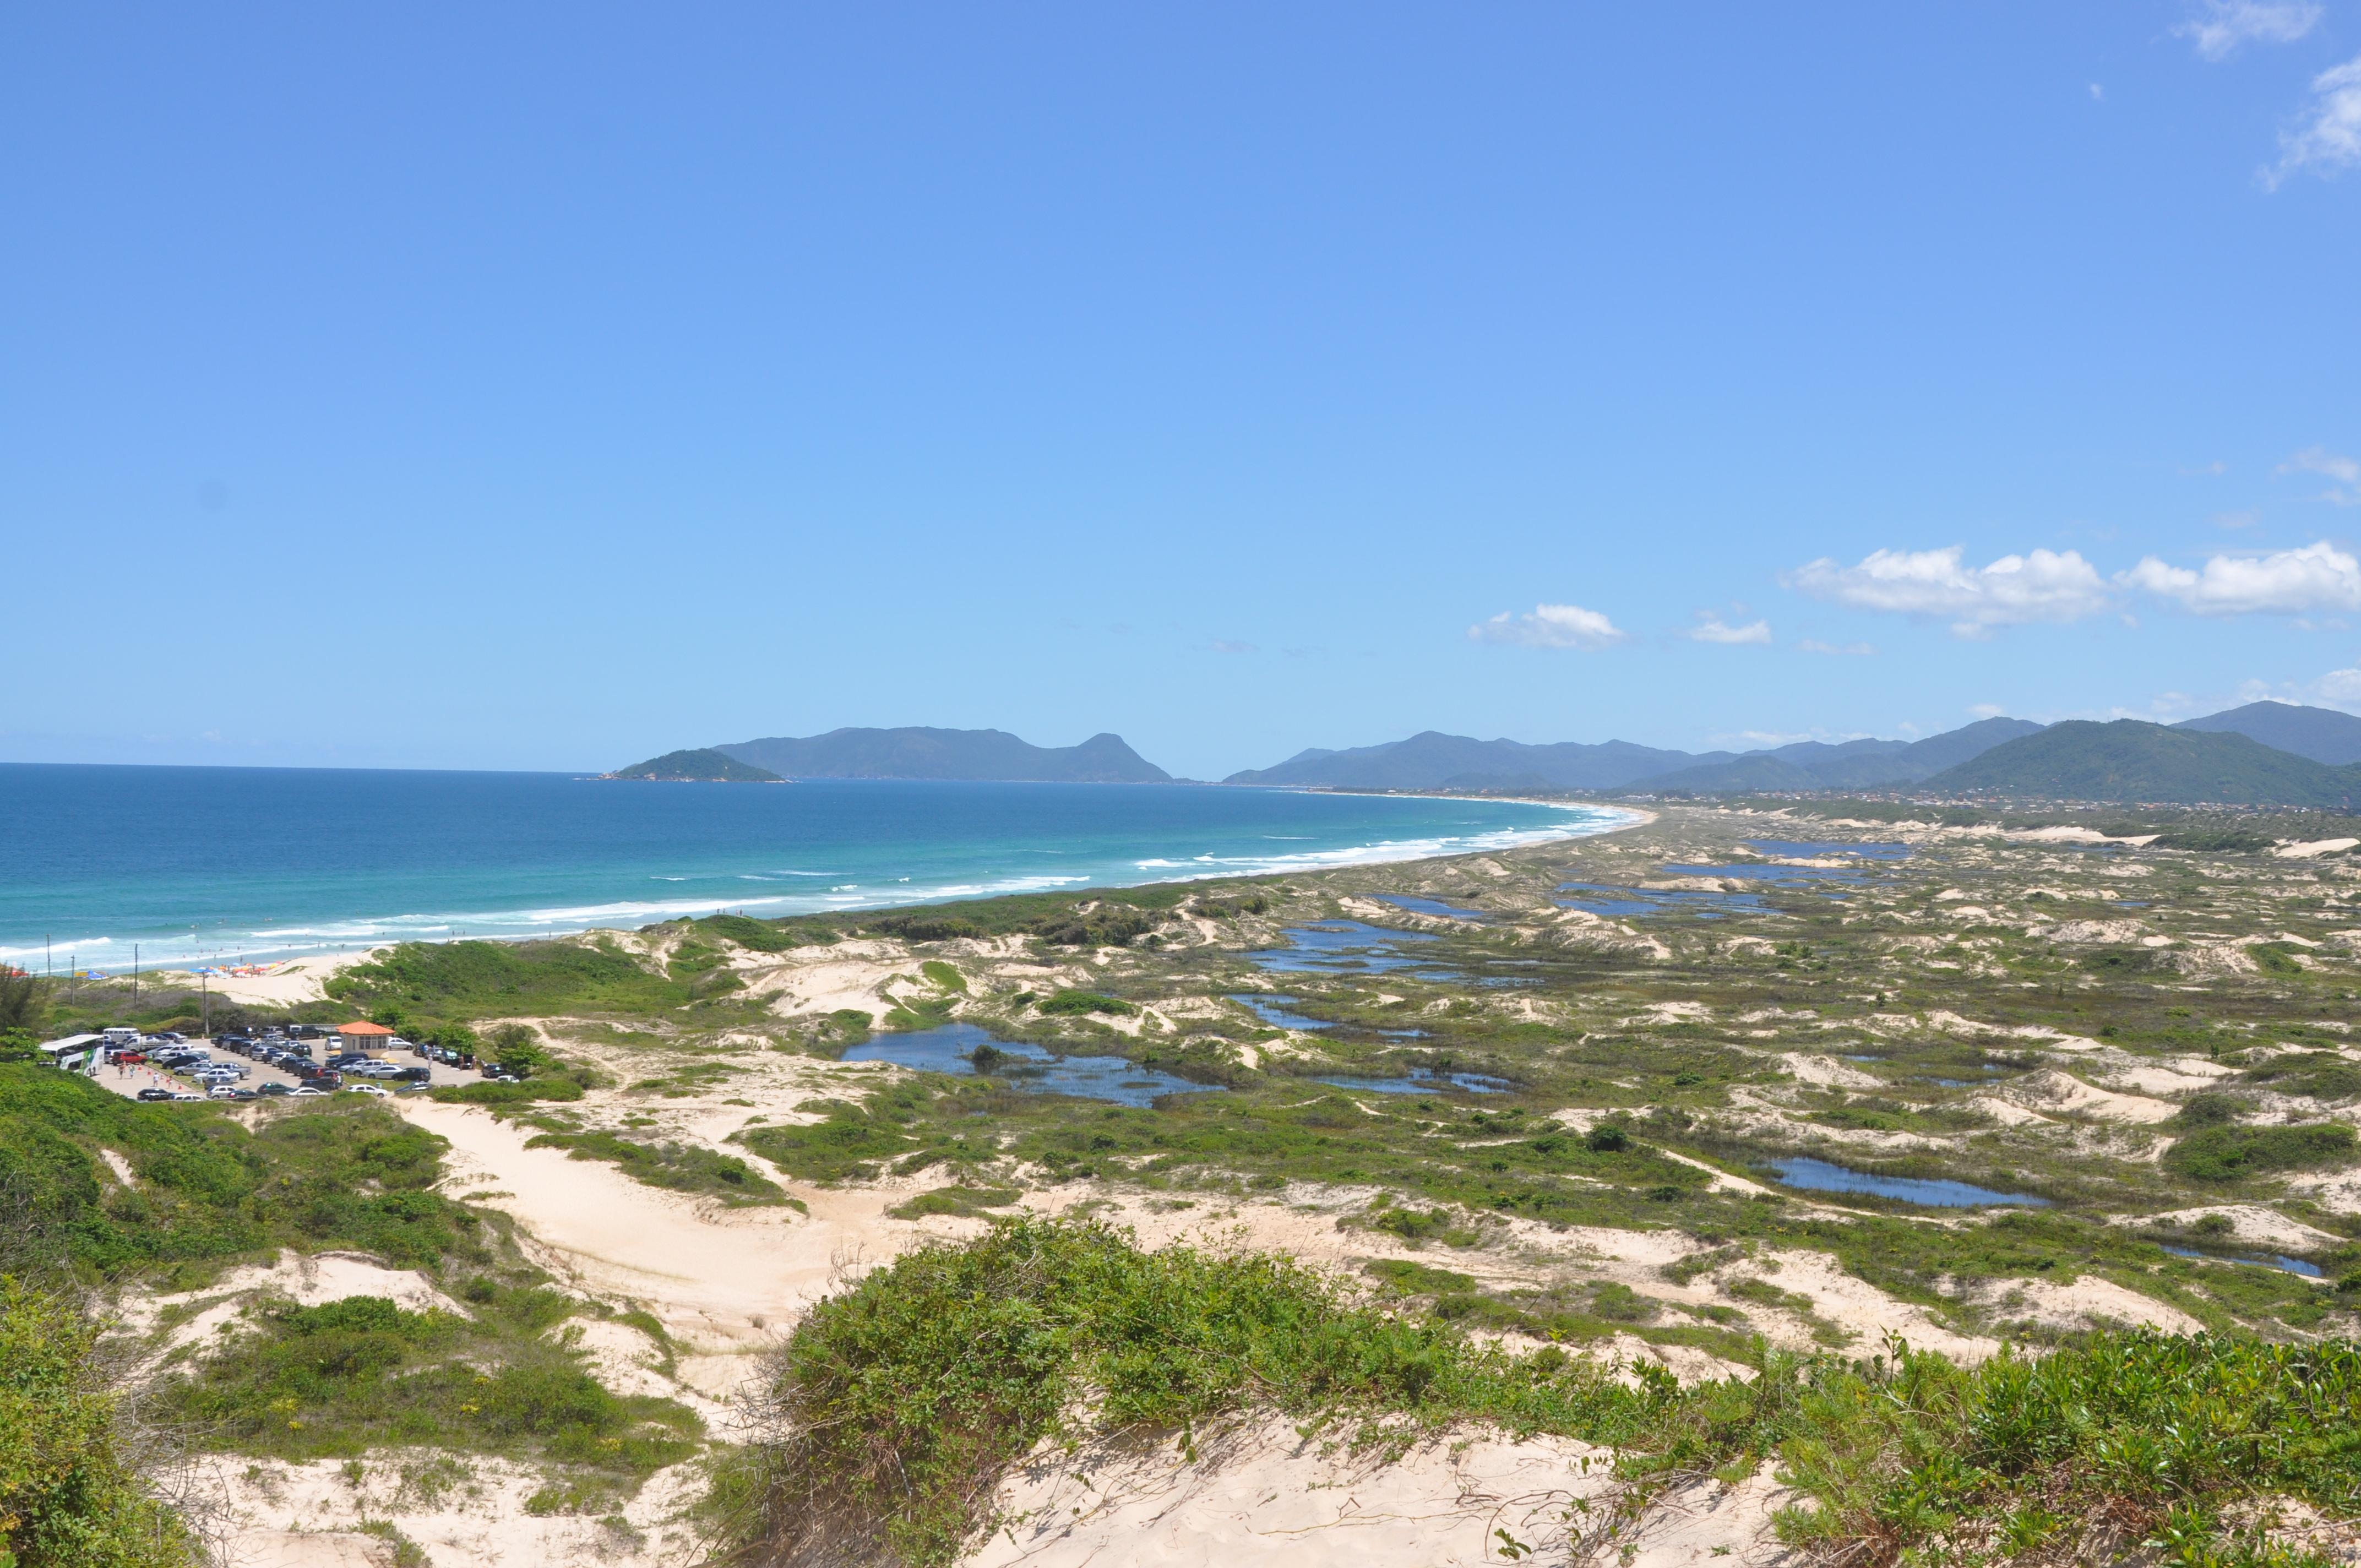 praia da joaquina uma das melhore praias de surf de florianópolis